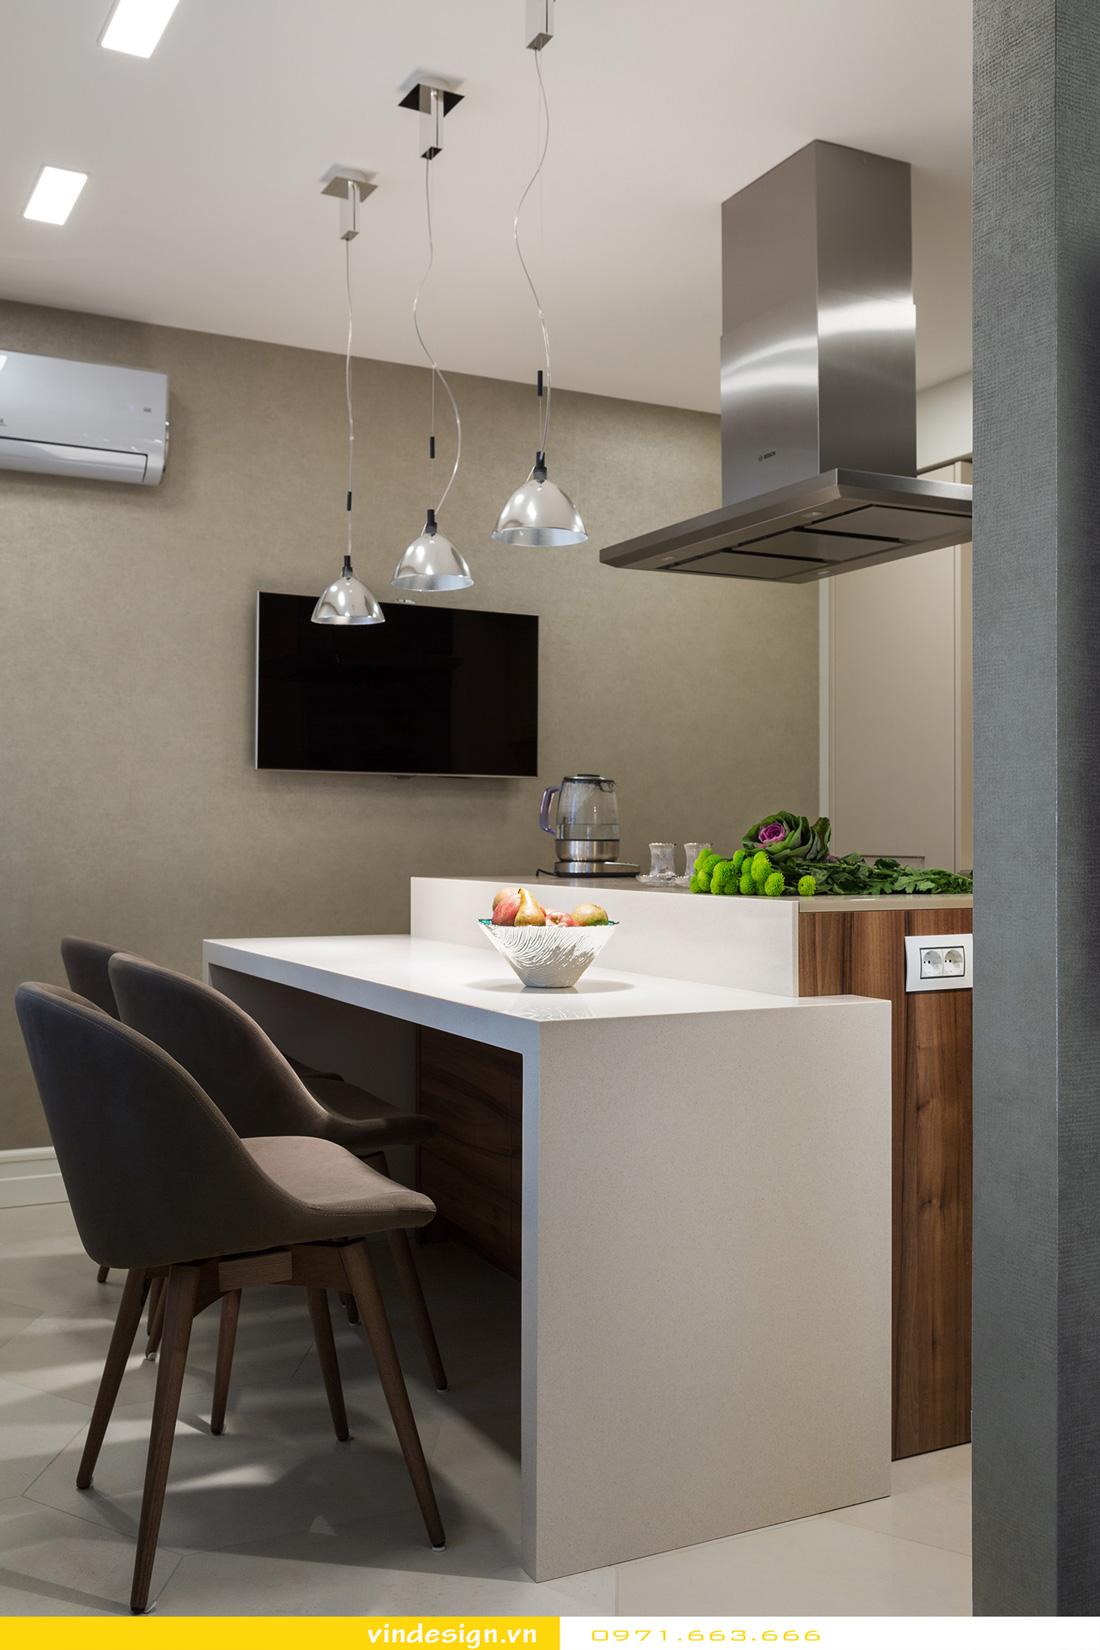 nội thất chung cư Sky Lake mẫu thiết kế căn hộ đẹp hiện đại 03